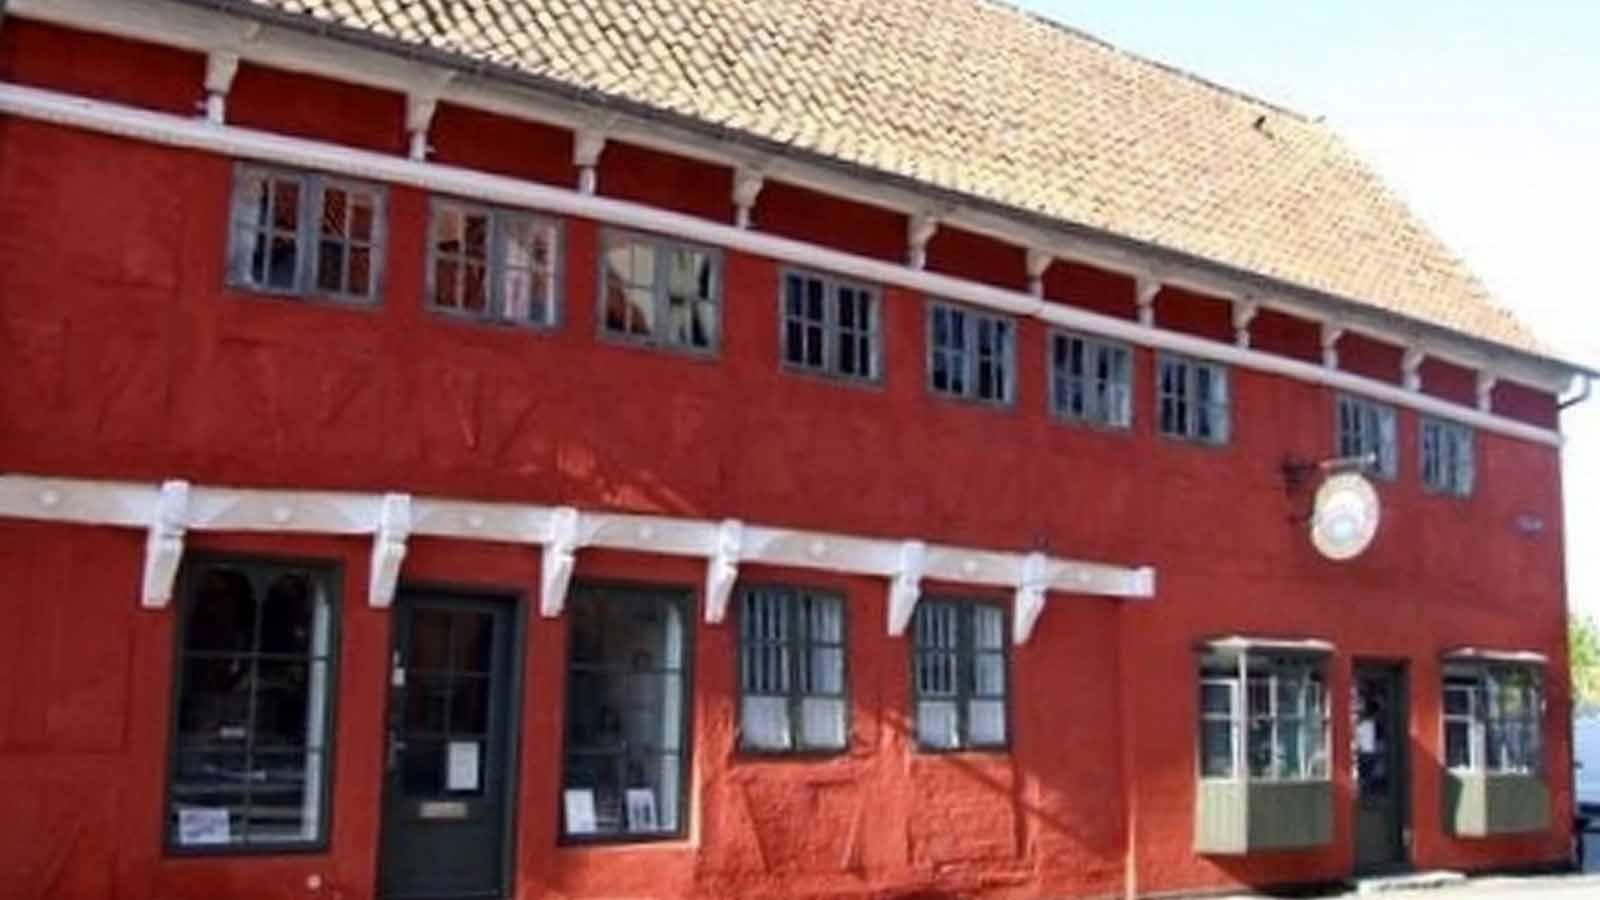 Skælskør Bymuseum